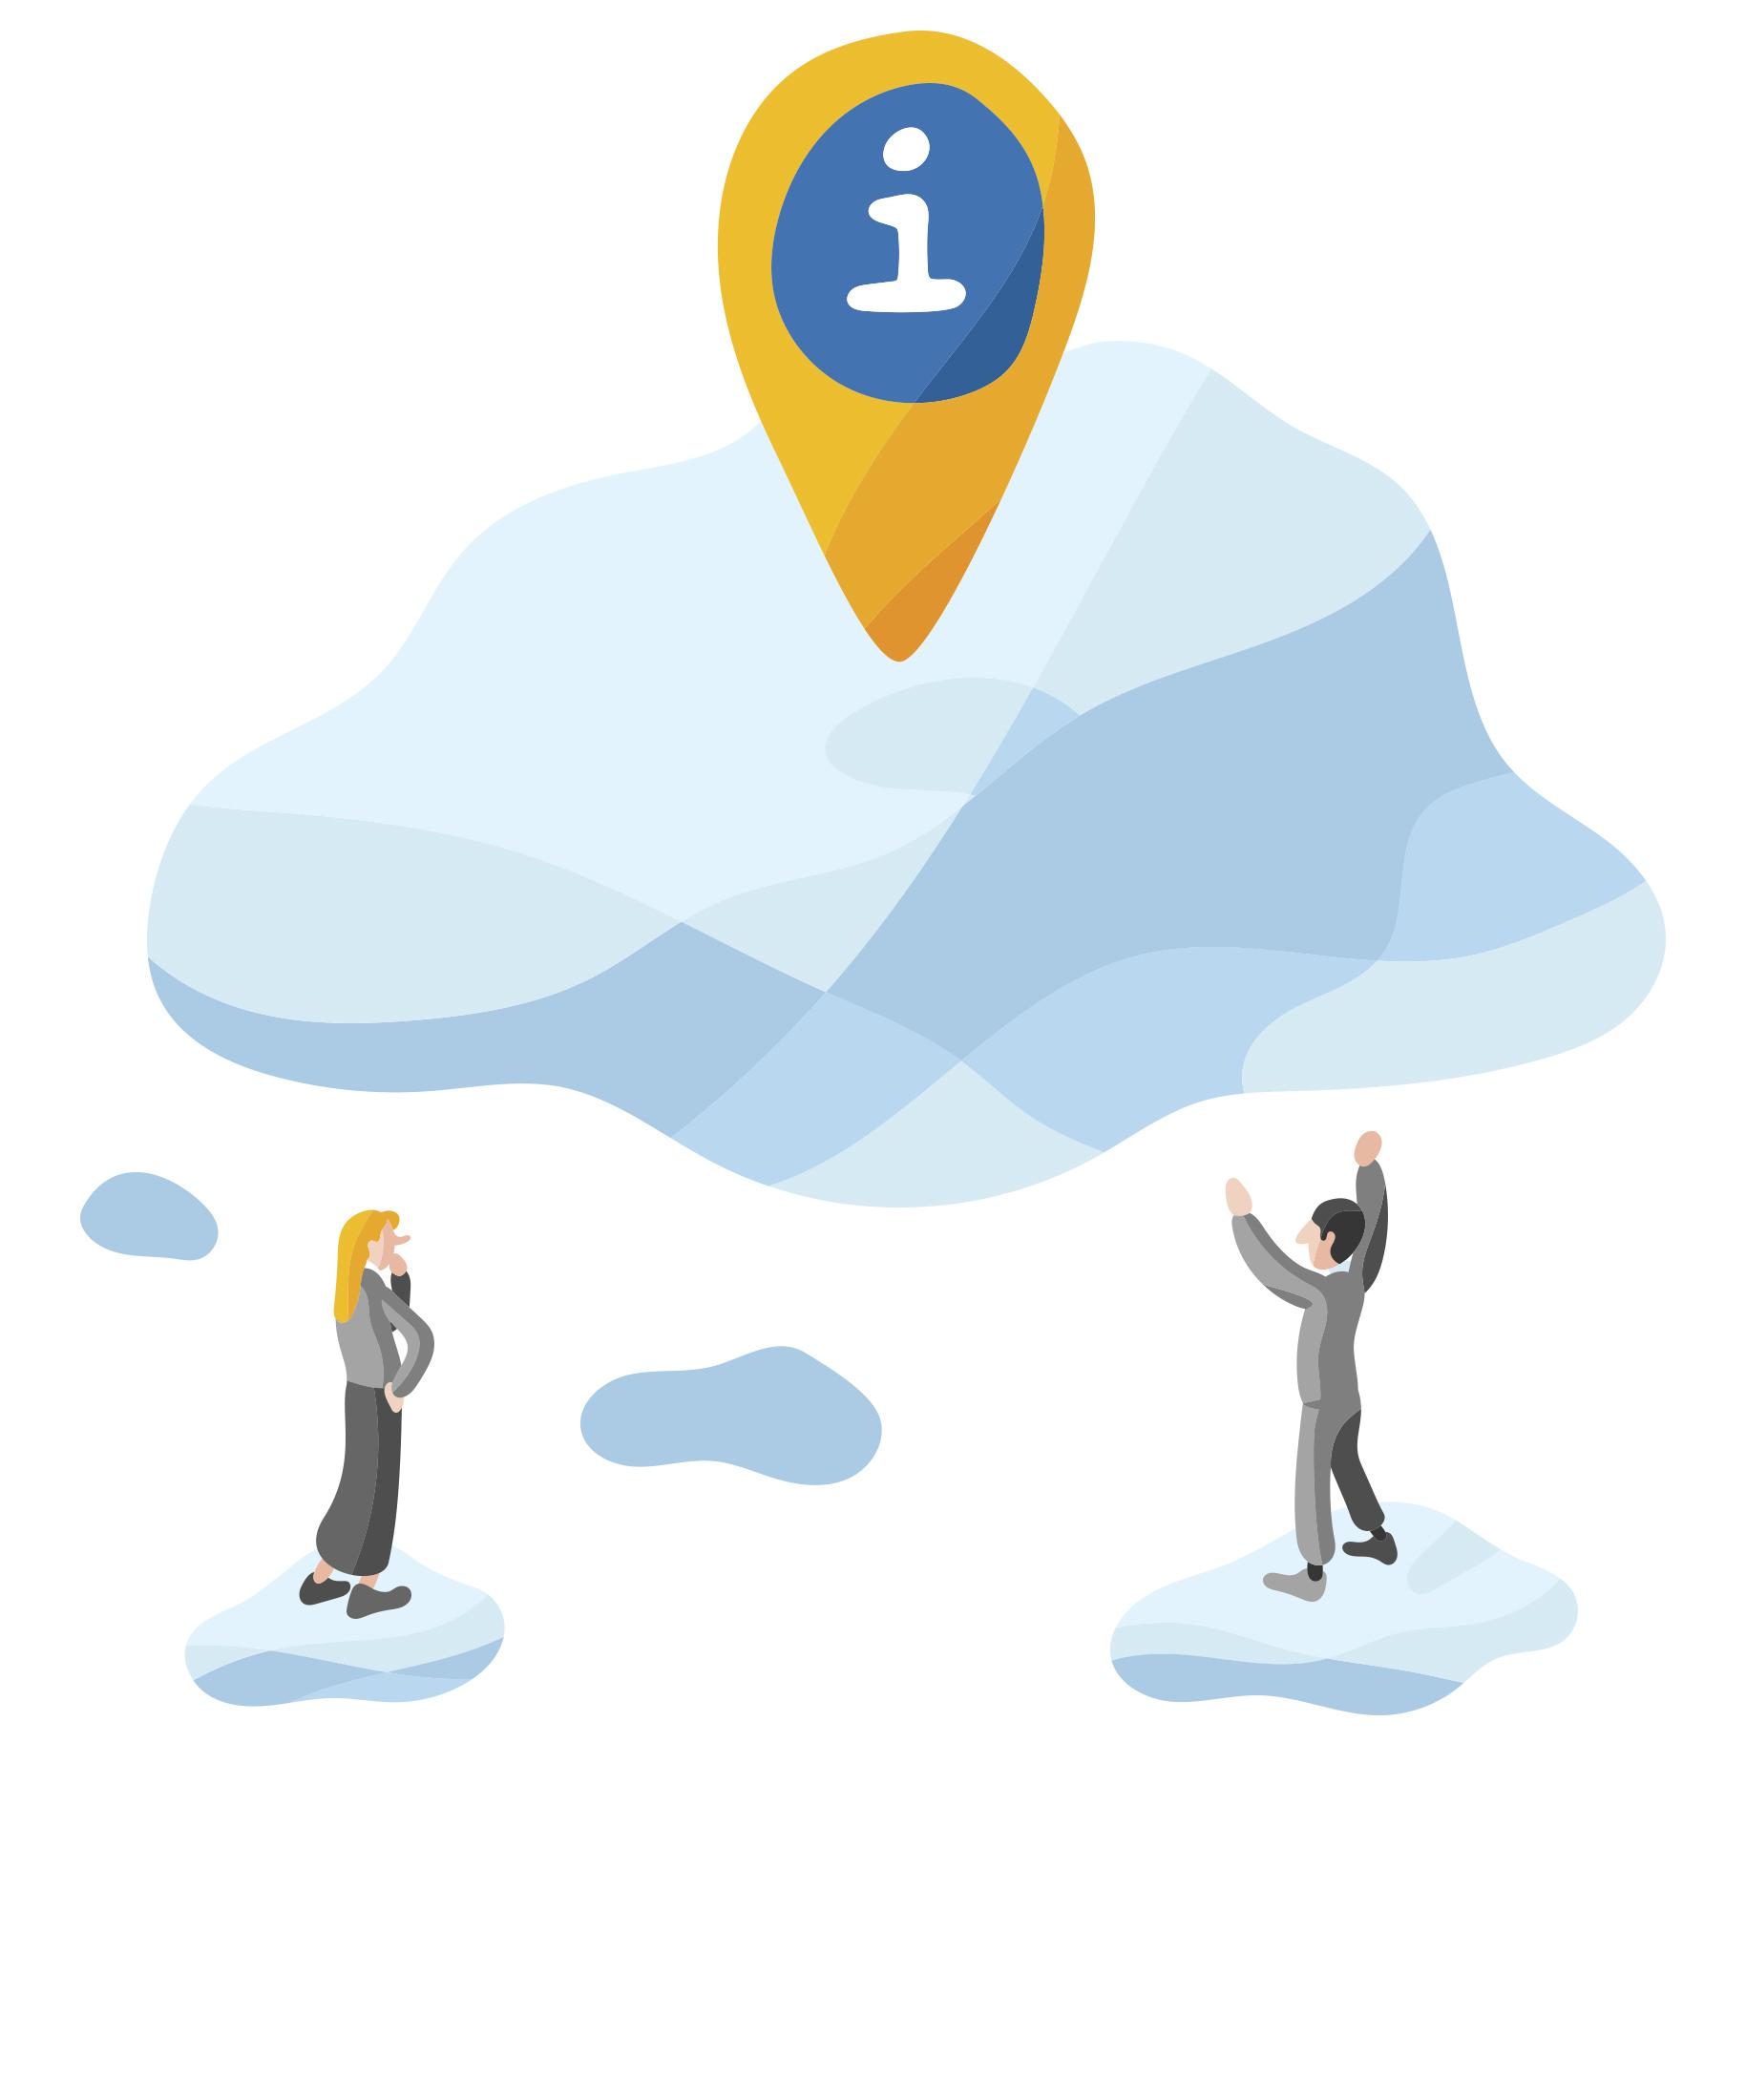 情報をクラウド化 - いつでもどこでも、どんな端末からでも日英併記の翻訳資産をボタン一つで共有し、ダウンロードできる環境を構築します。